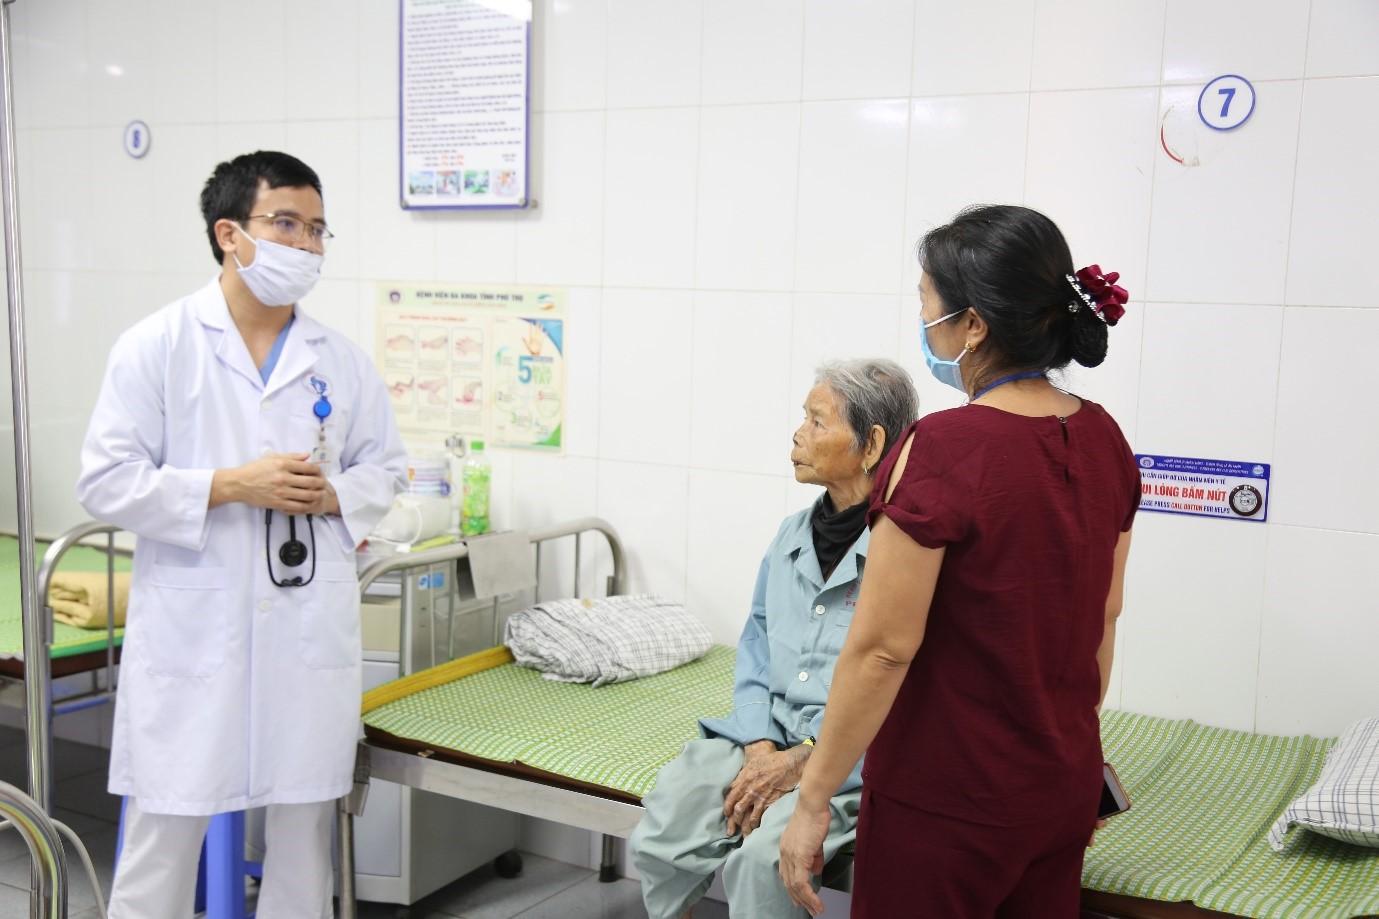 Bệnh viện đa khoa tỉnh Phú Thọ: Cứu sống cụ bà bị nhồi máu cơ tim cao tuổi nhất Việt Nam - Ảnh 1